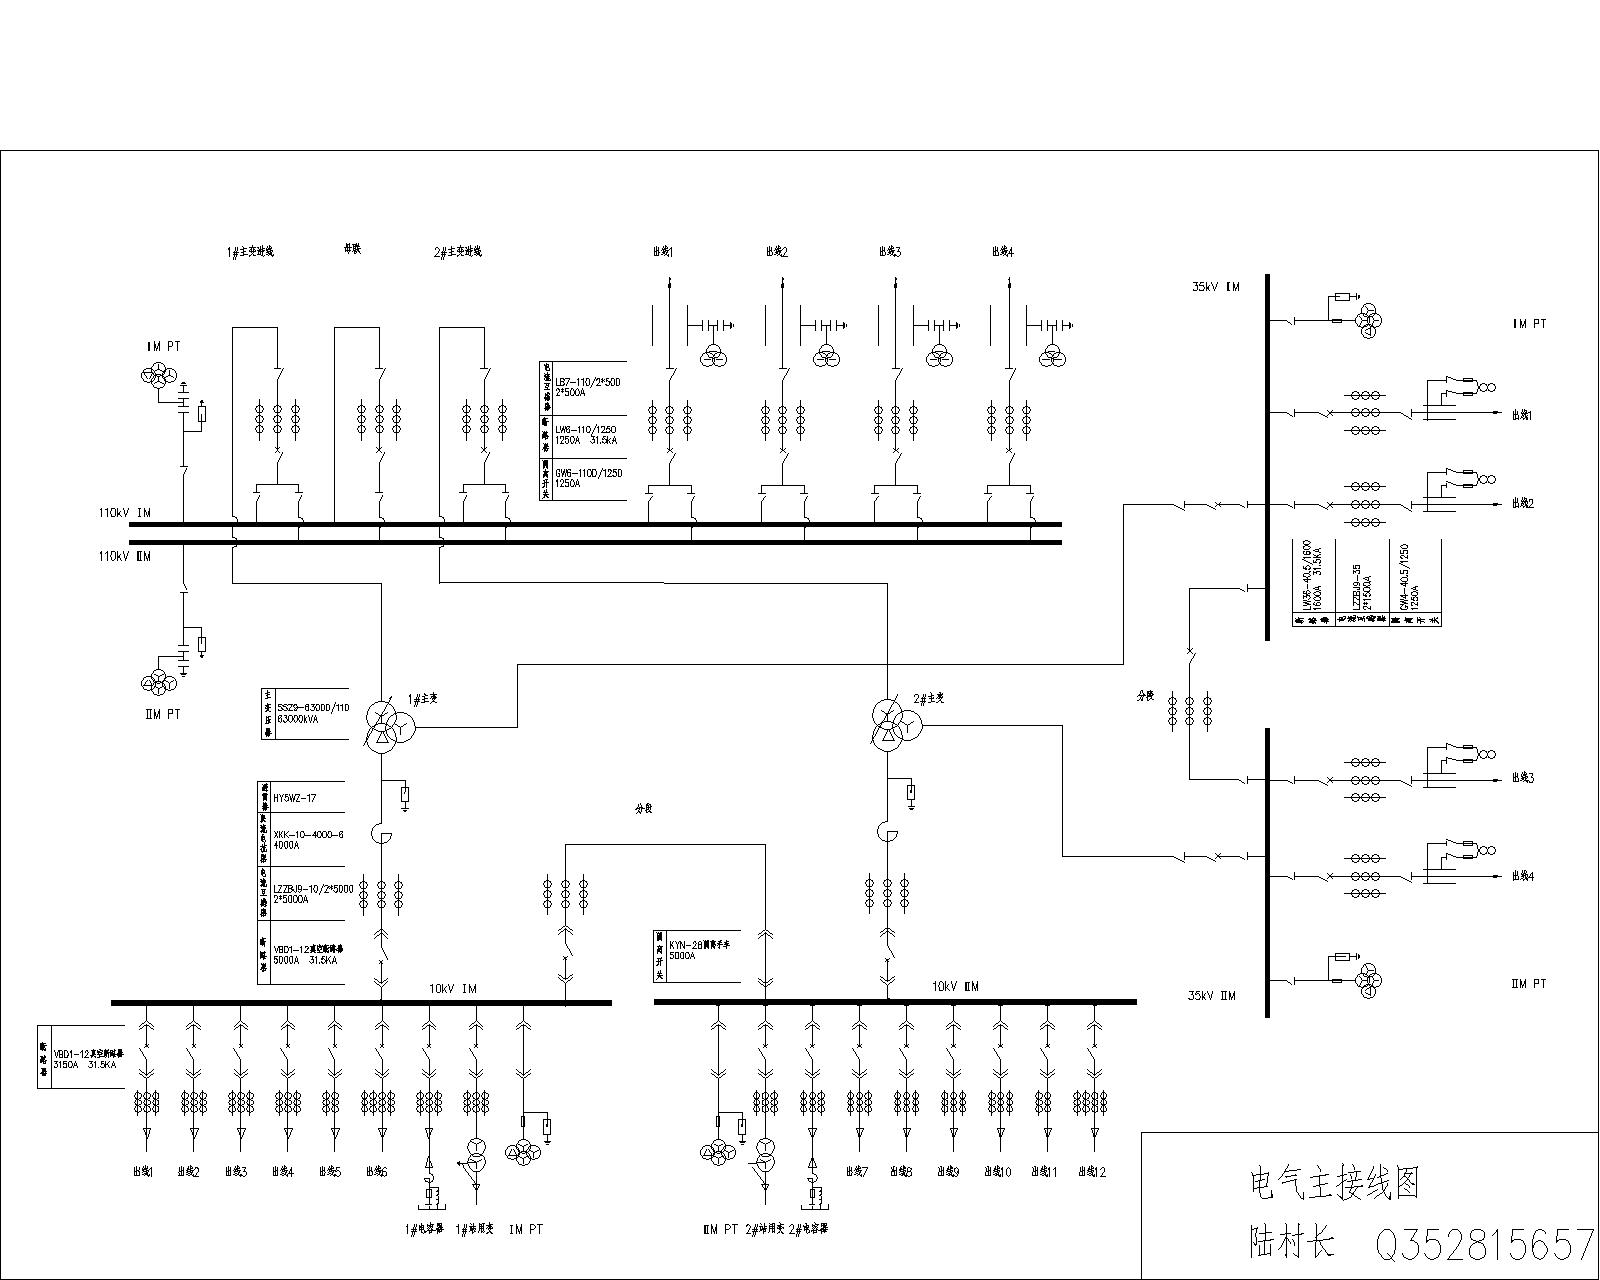 35kv变电所主接线图_110kV变电所电气主接线图_百度知道